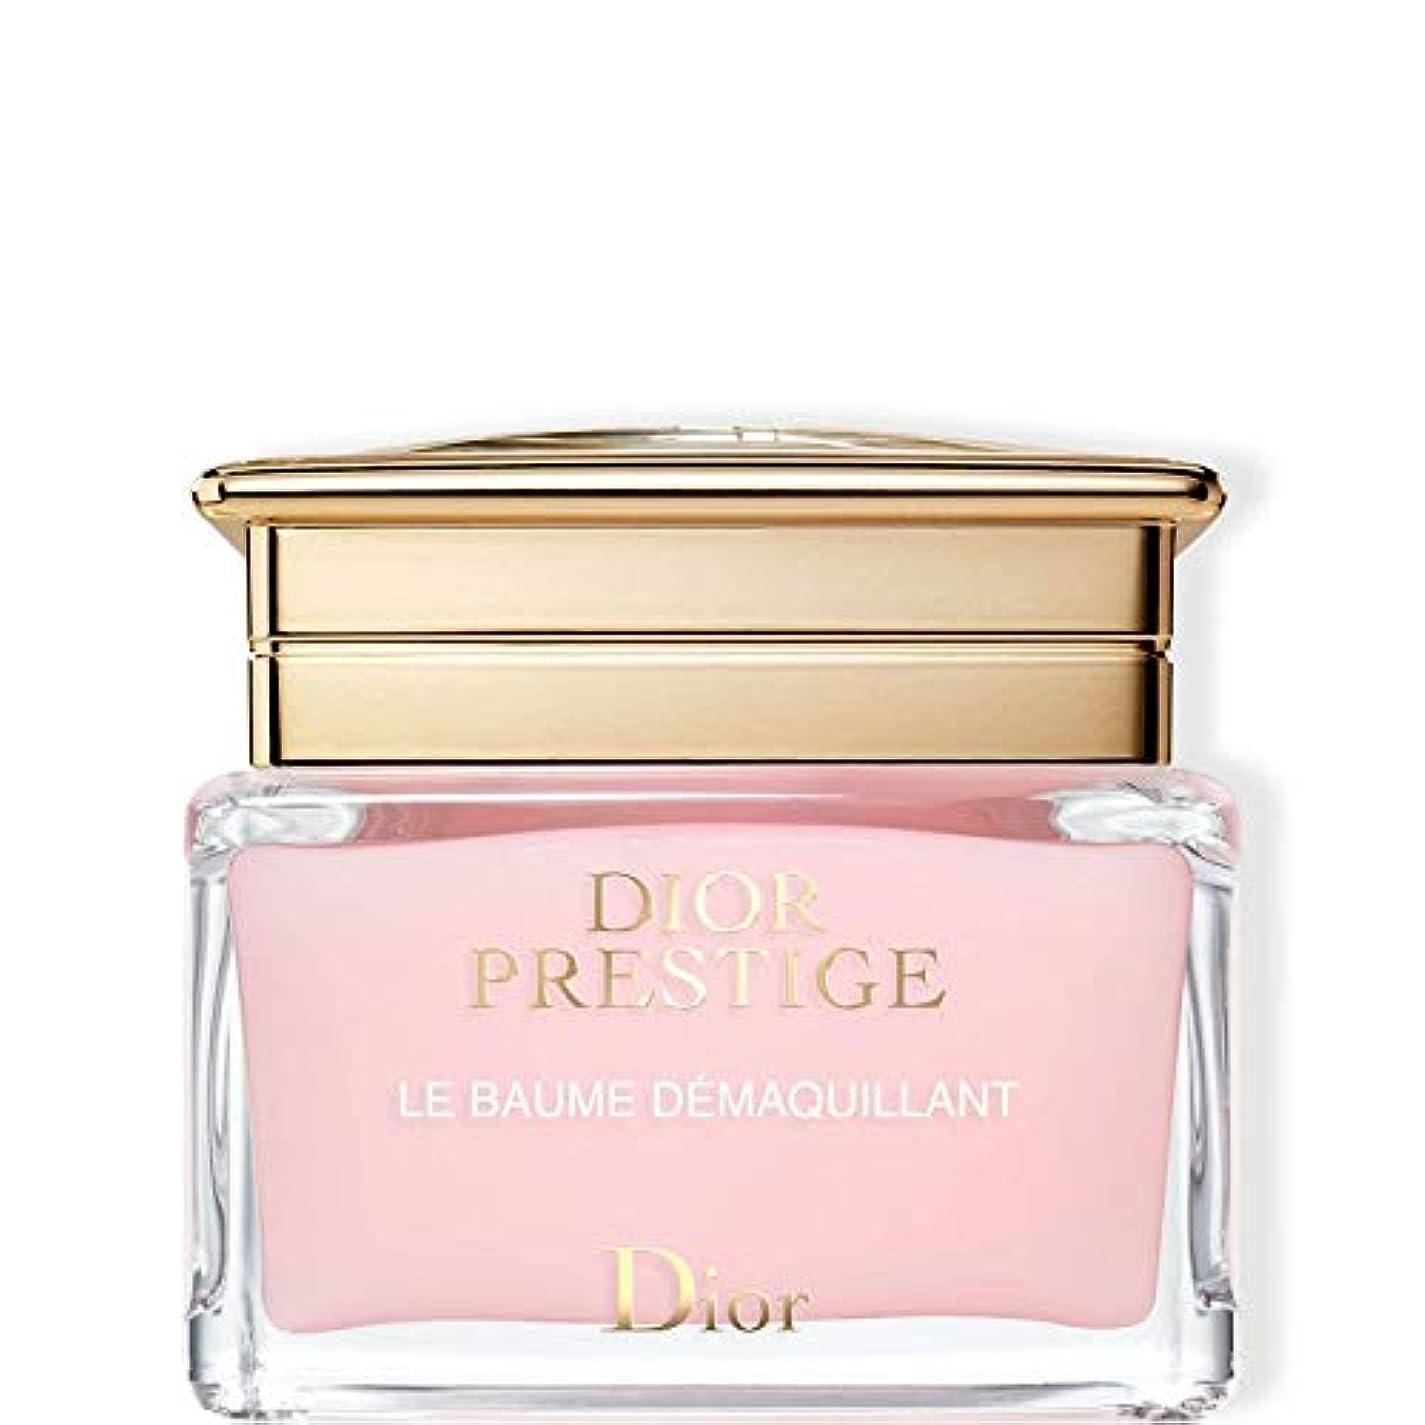 謝罪相対サイズ銀Dior(ディオール) プレステージ ル バーム デマキャント 150mL